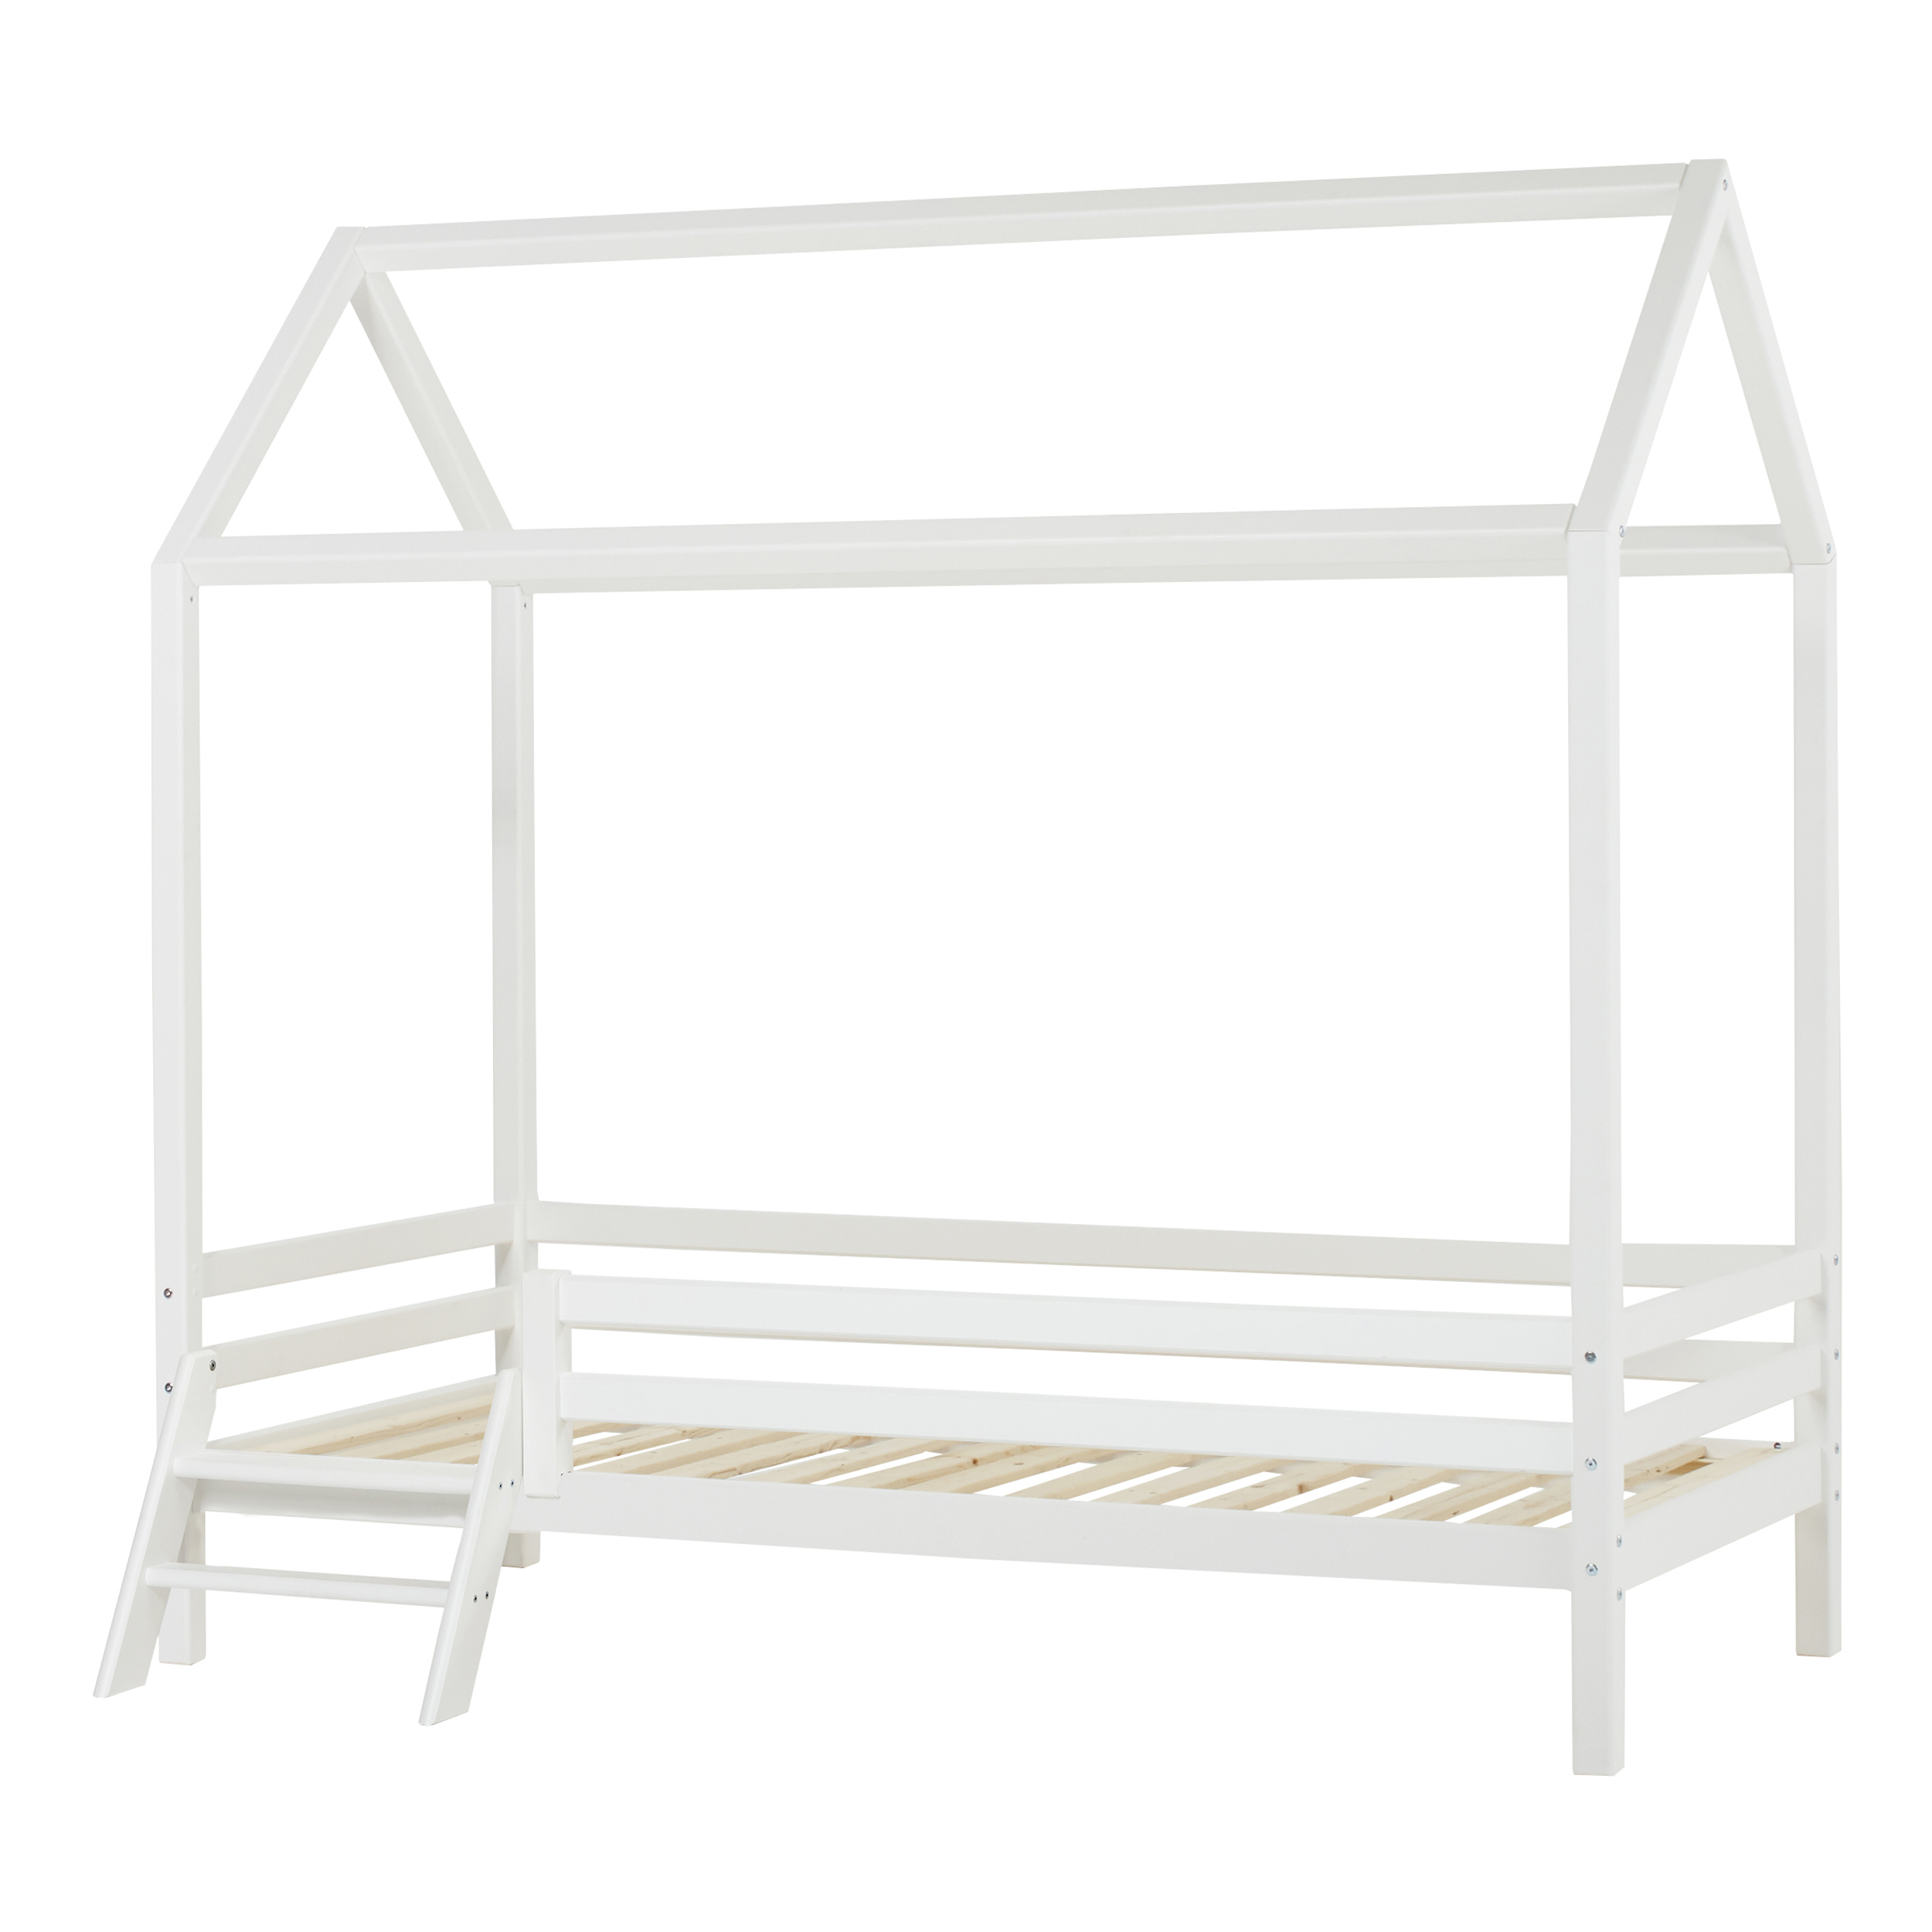 Hoppekids - BASIC House bed w. Ladder 90 x 200 cm - White